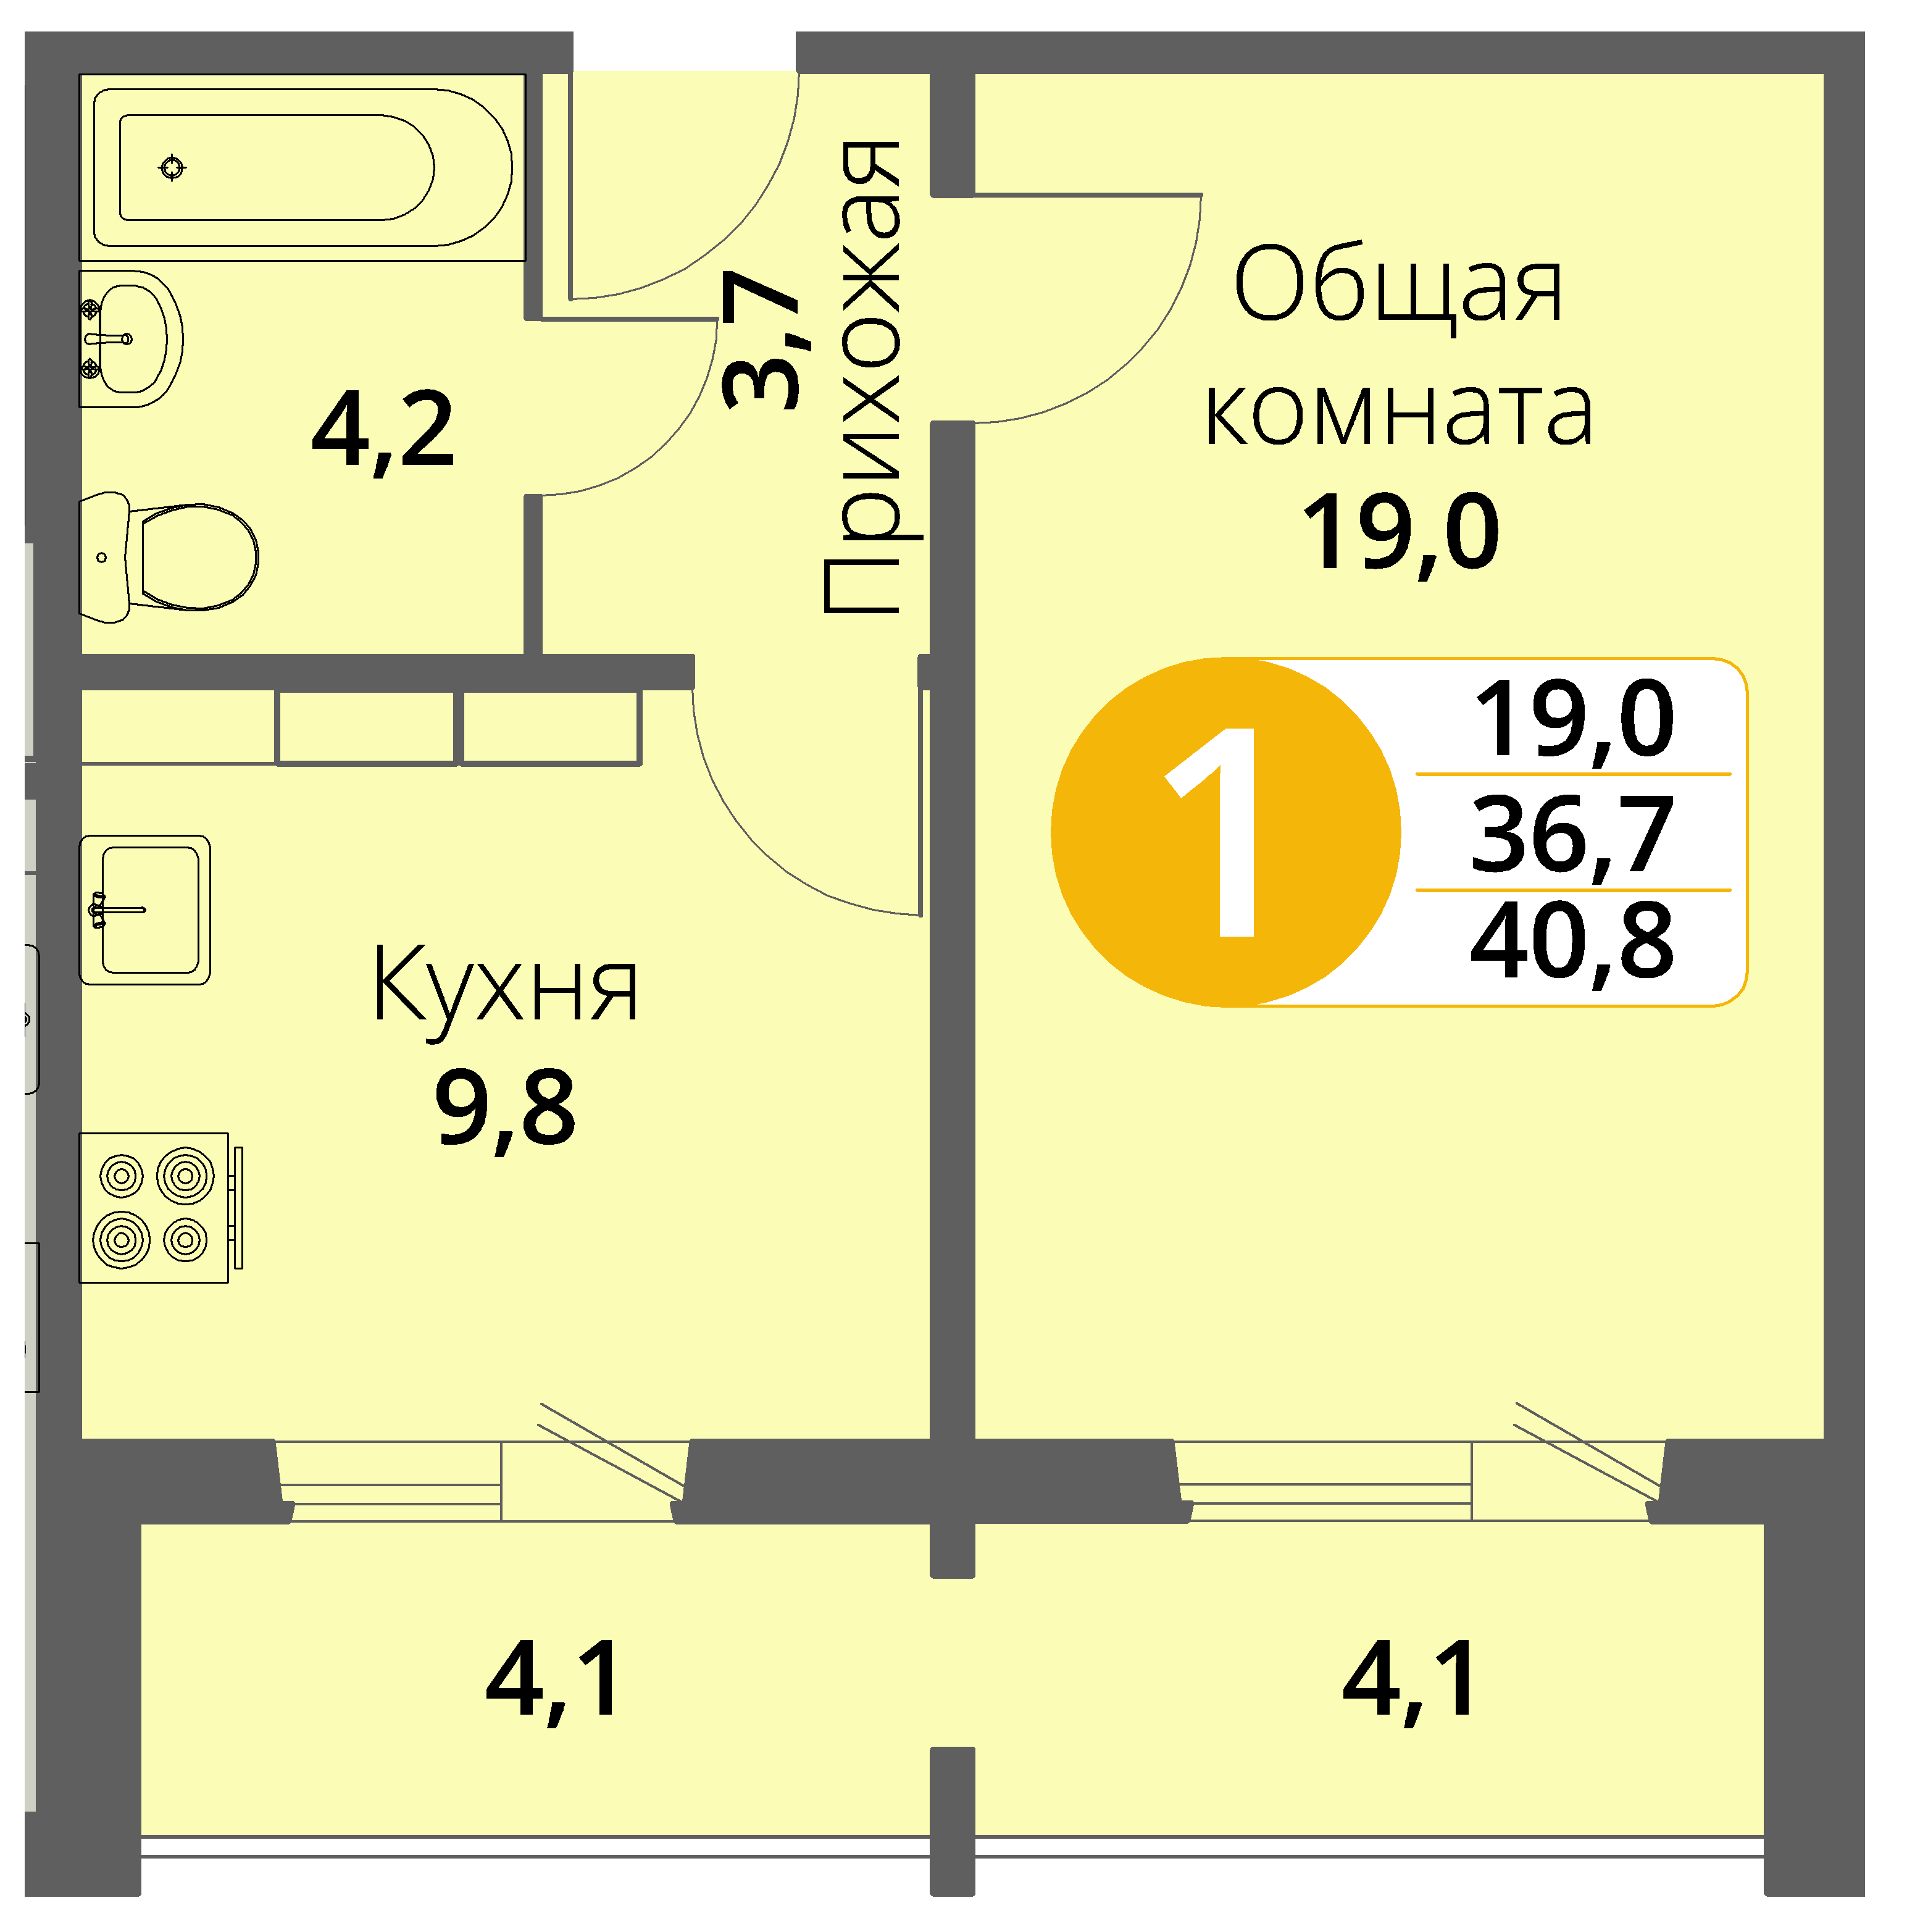 Зареченская 1-1, квартира 98 - Однокомнатная